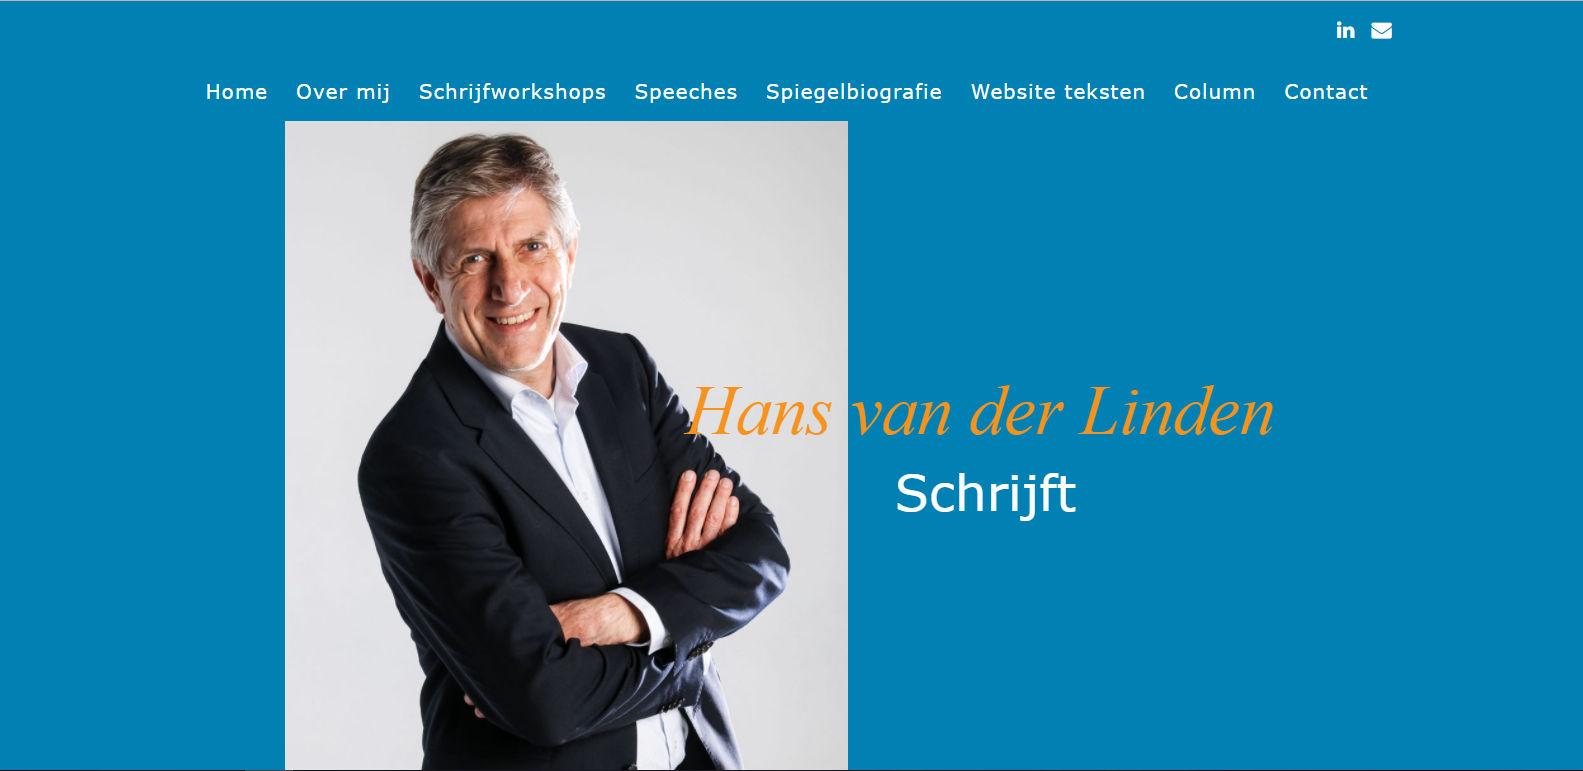 Hans van der Linden Schrijft